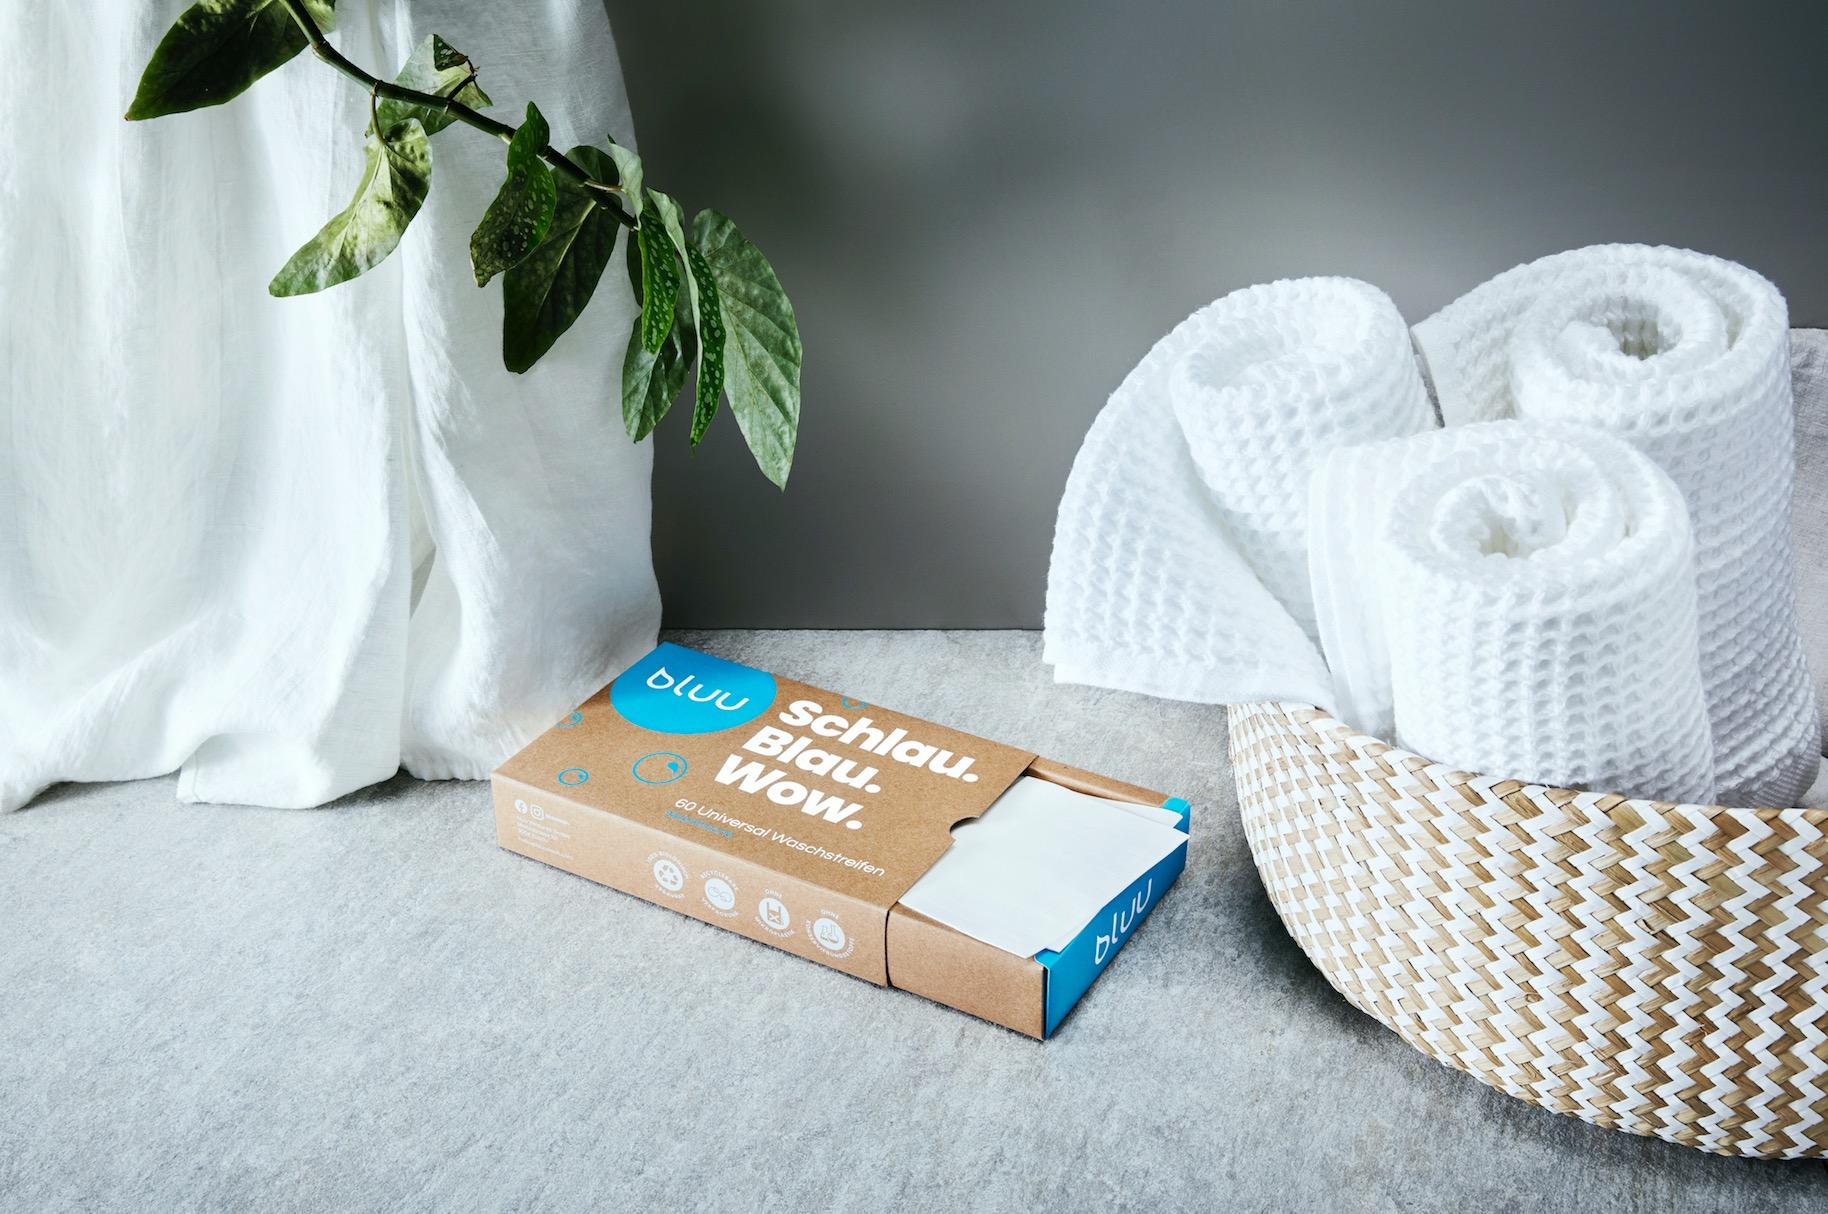 bluu wash - das umweltfreundliche Waschmittel